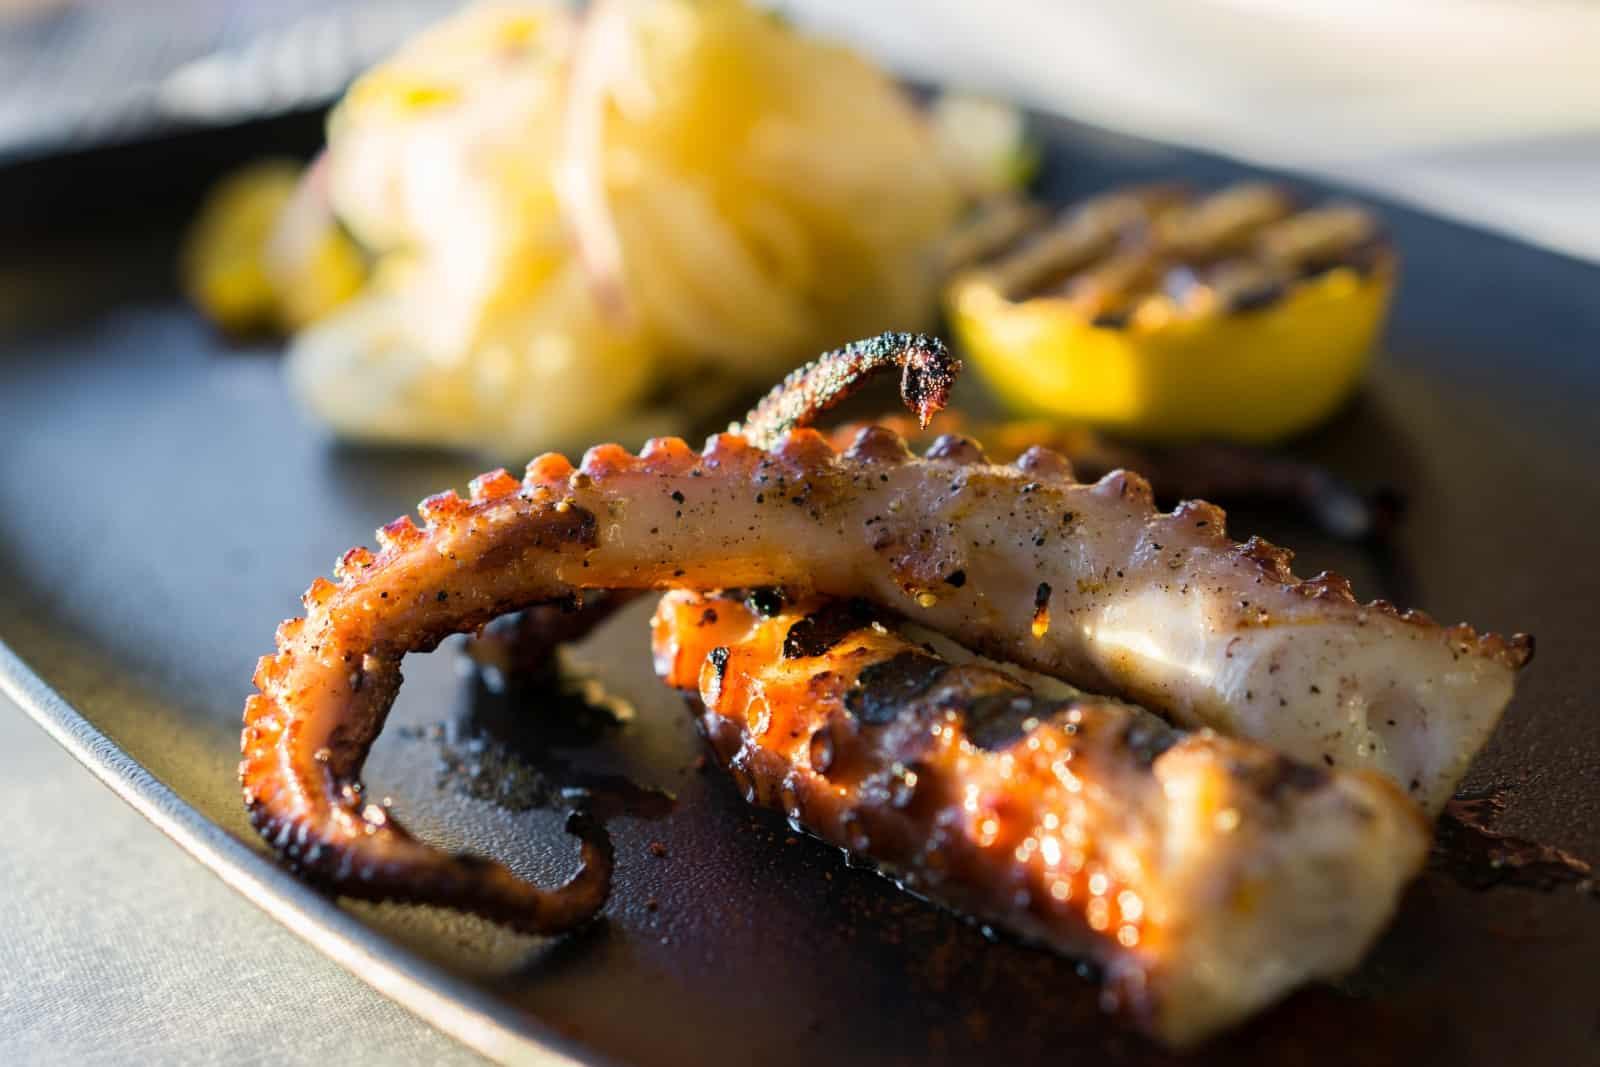 Gegrillter Octopus mit im Saft einer Zitrone mariniertem Fenchel. Foto